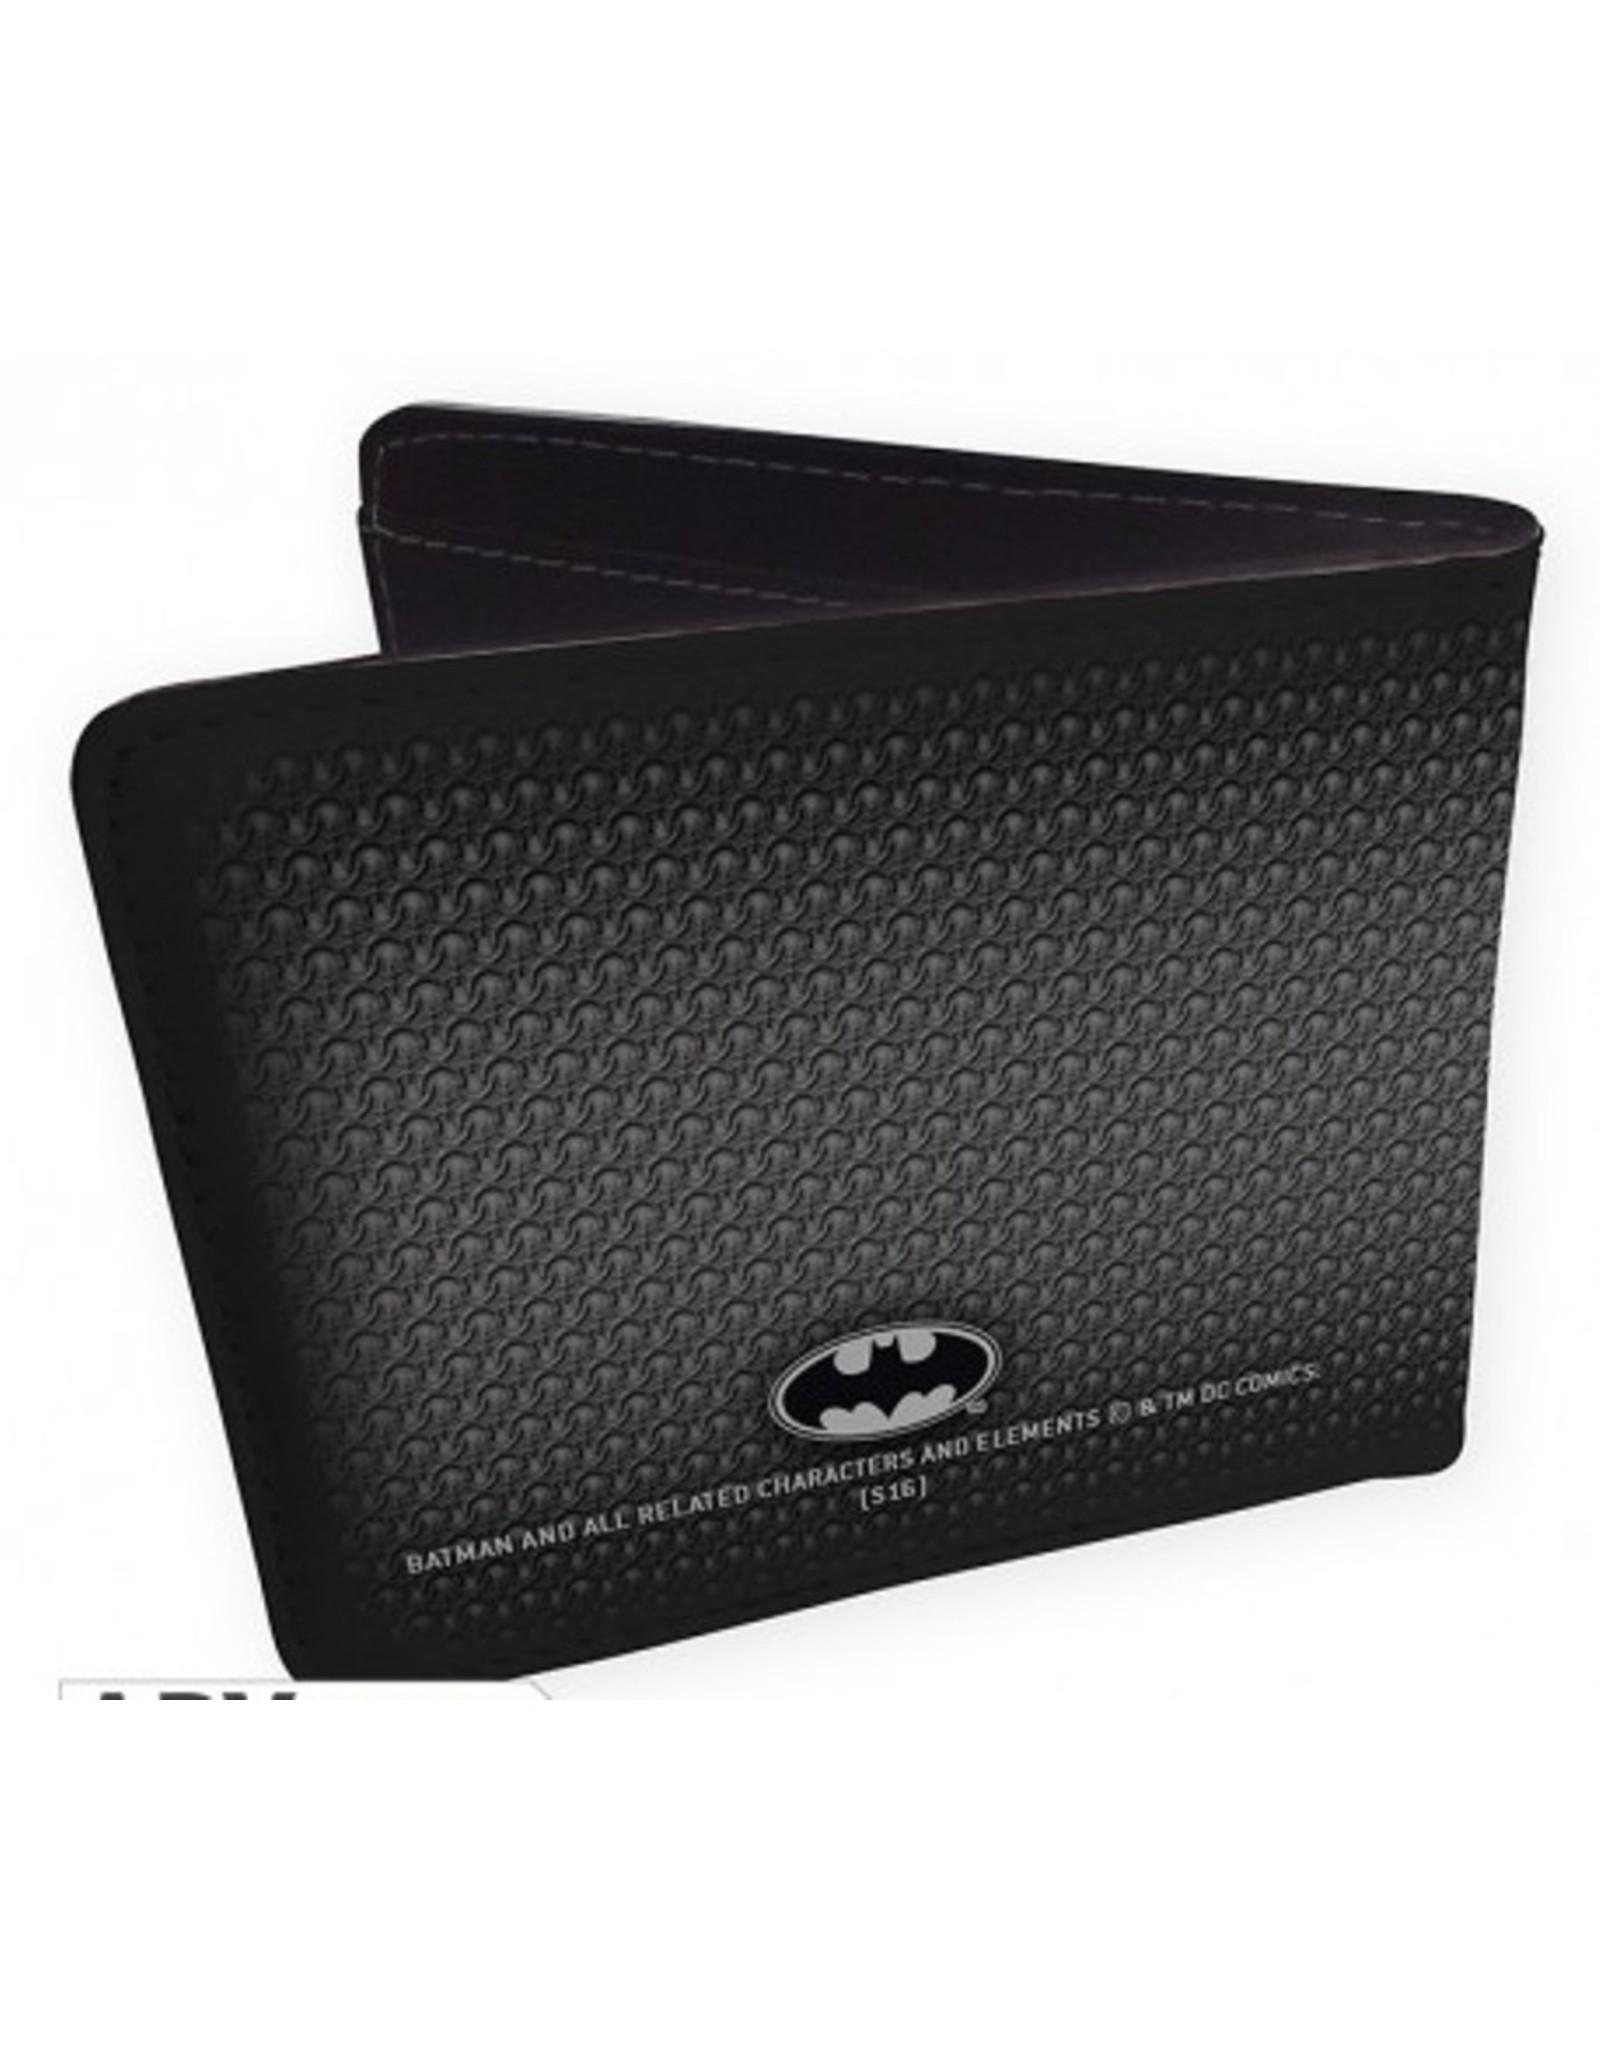 abysse corp Merchandise portemonnees - DC comics Batman portemonnee